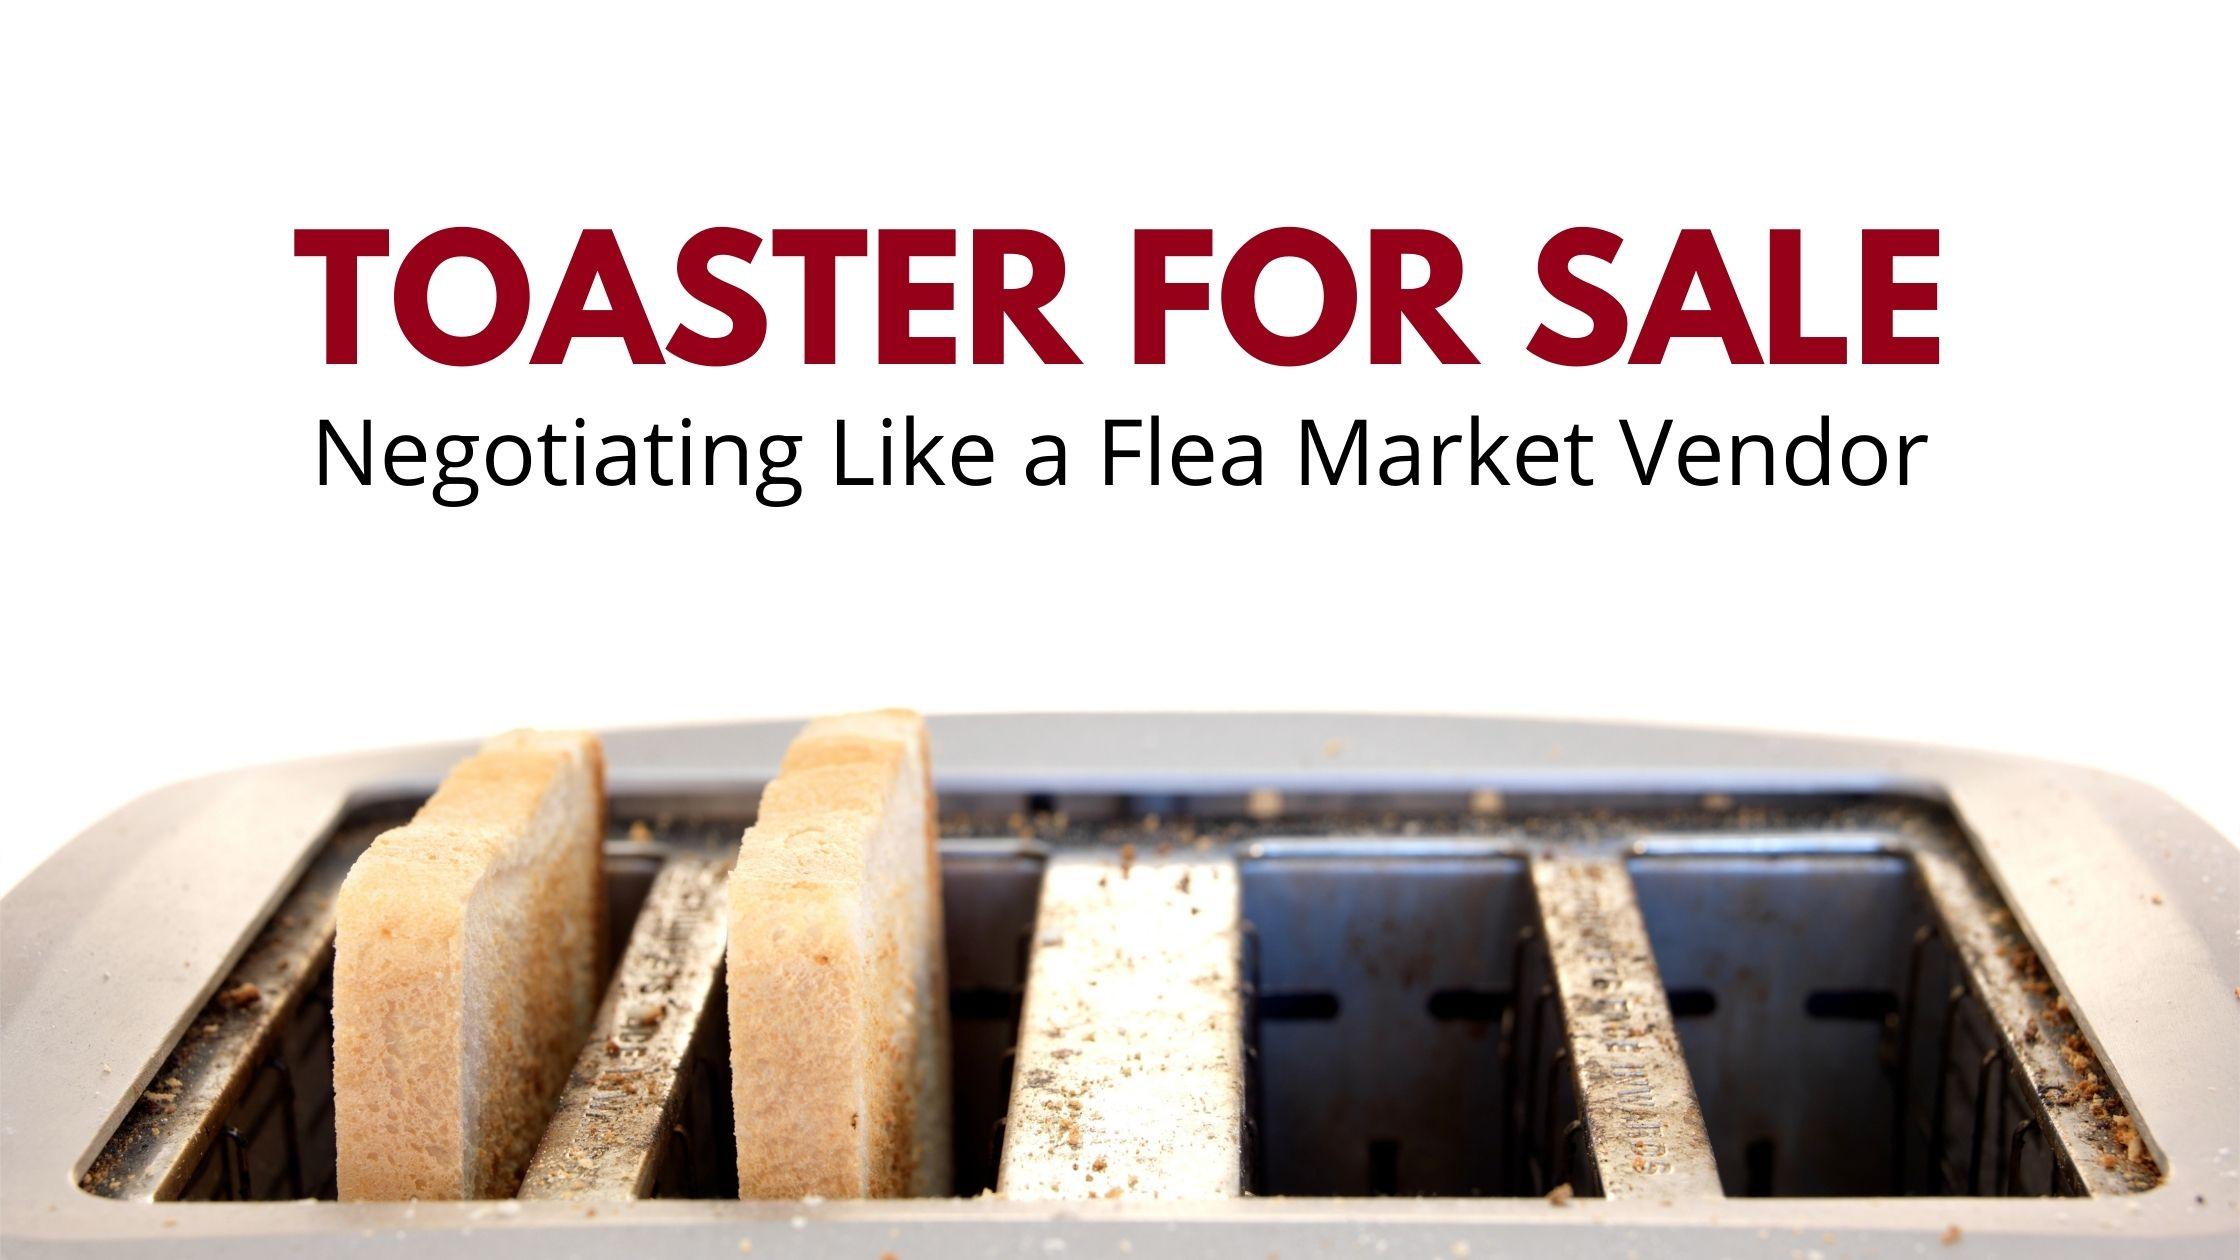 sales and negotiating like a flea market vendor